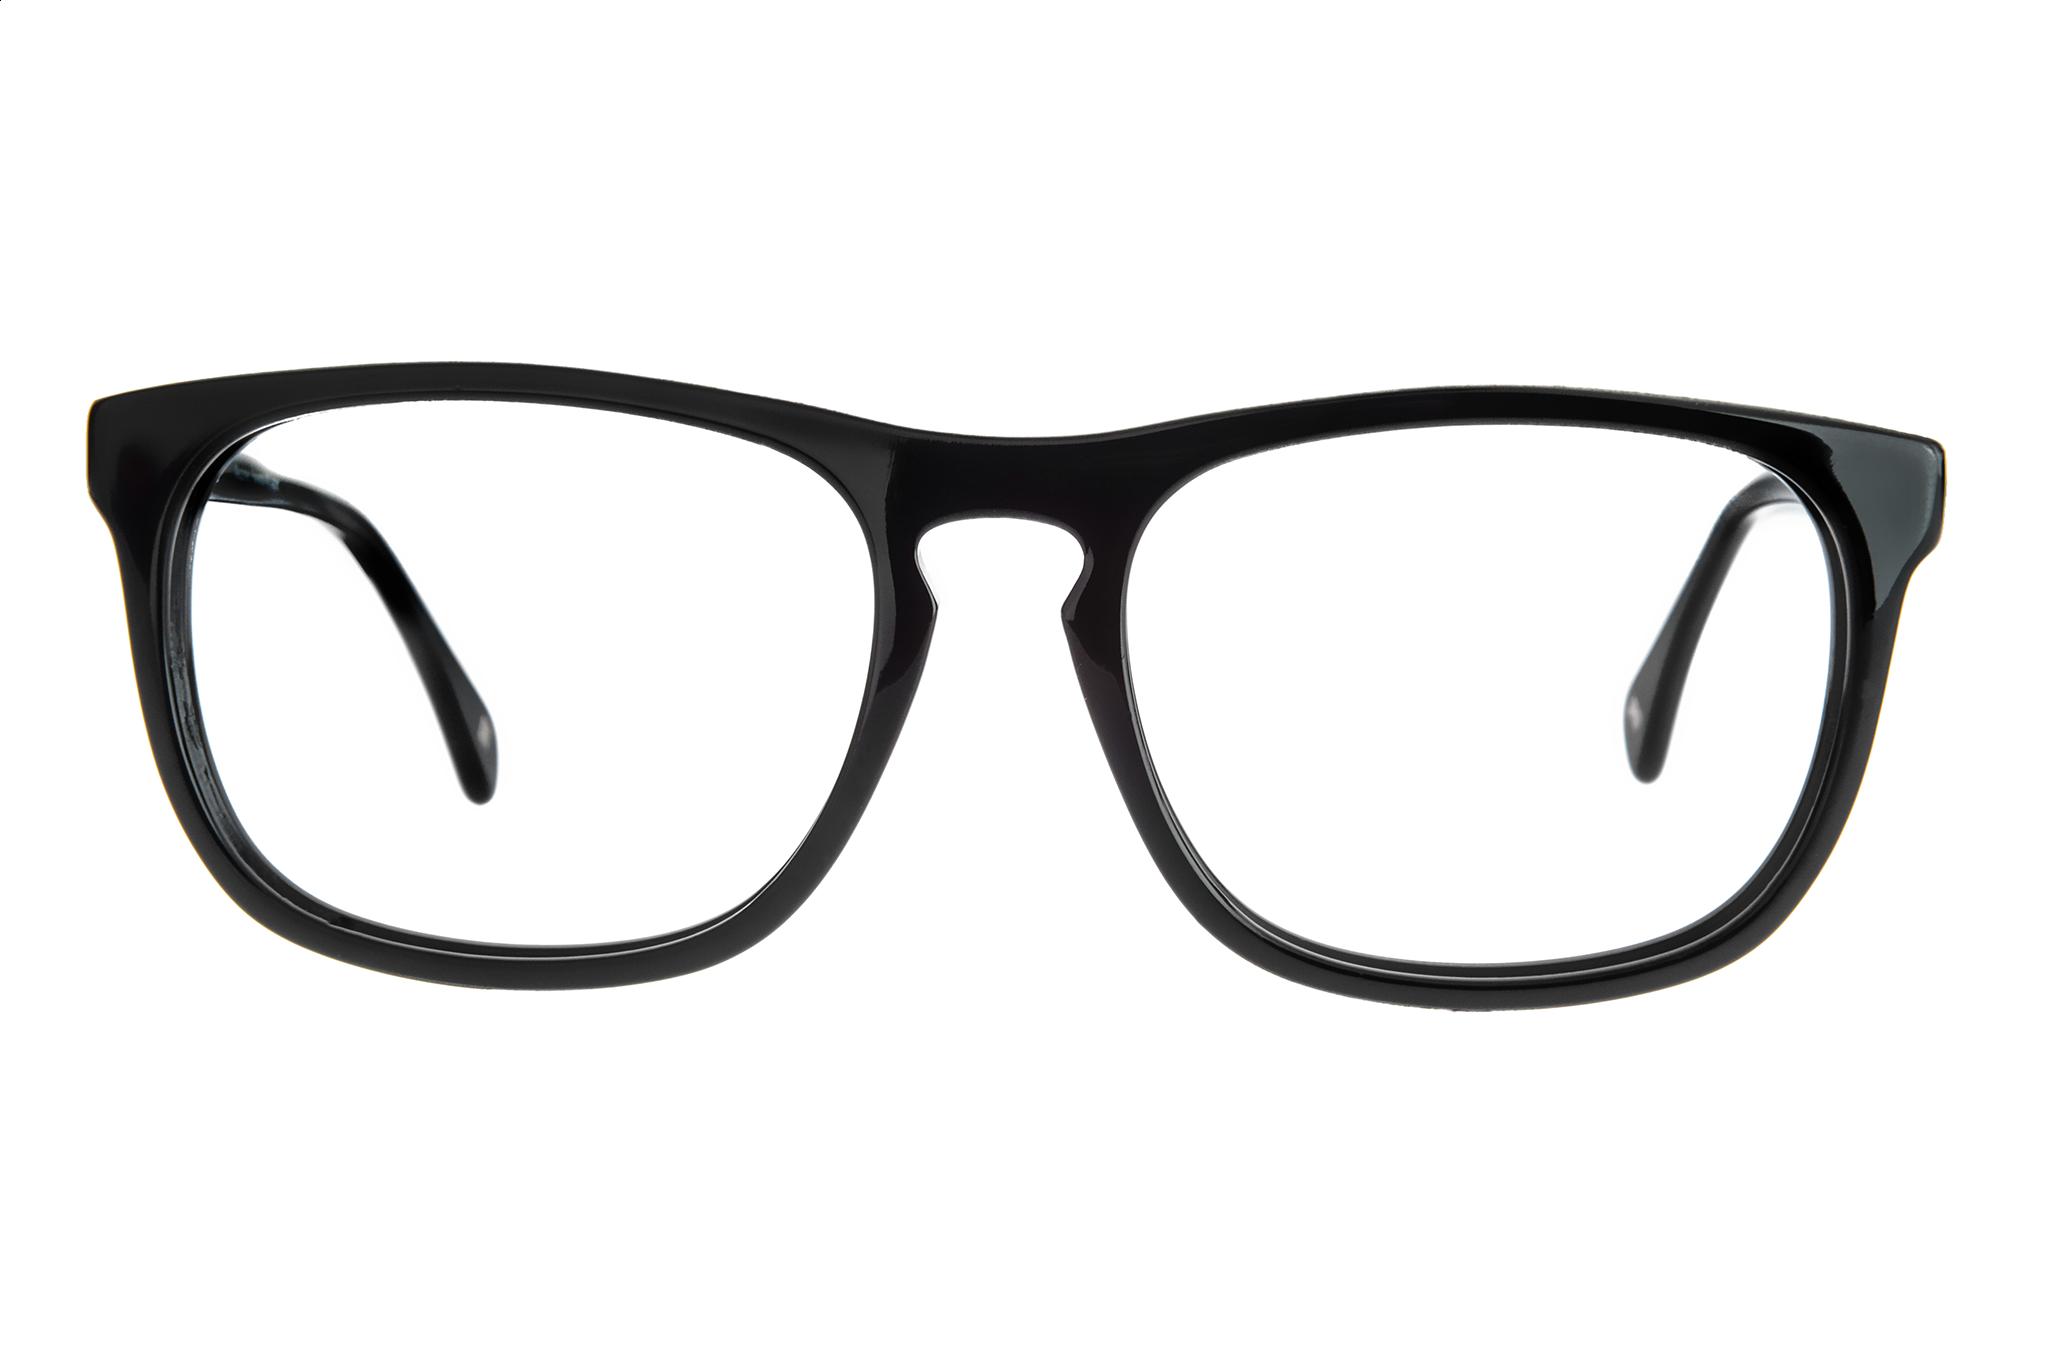 Glasses PNG - 13768